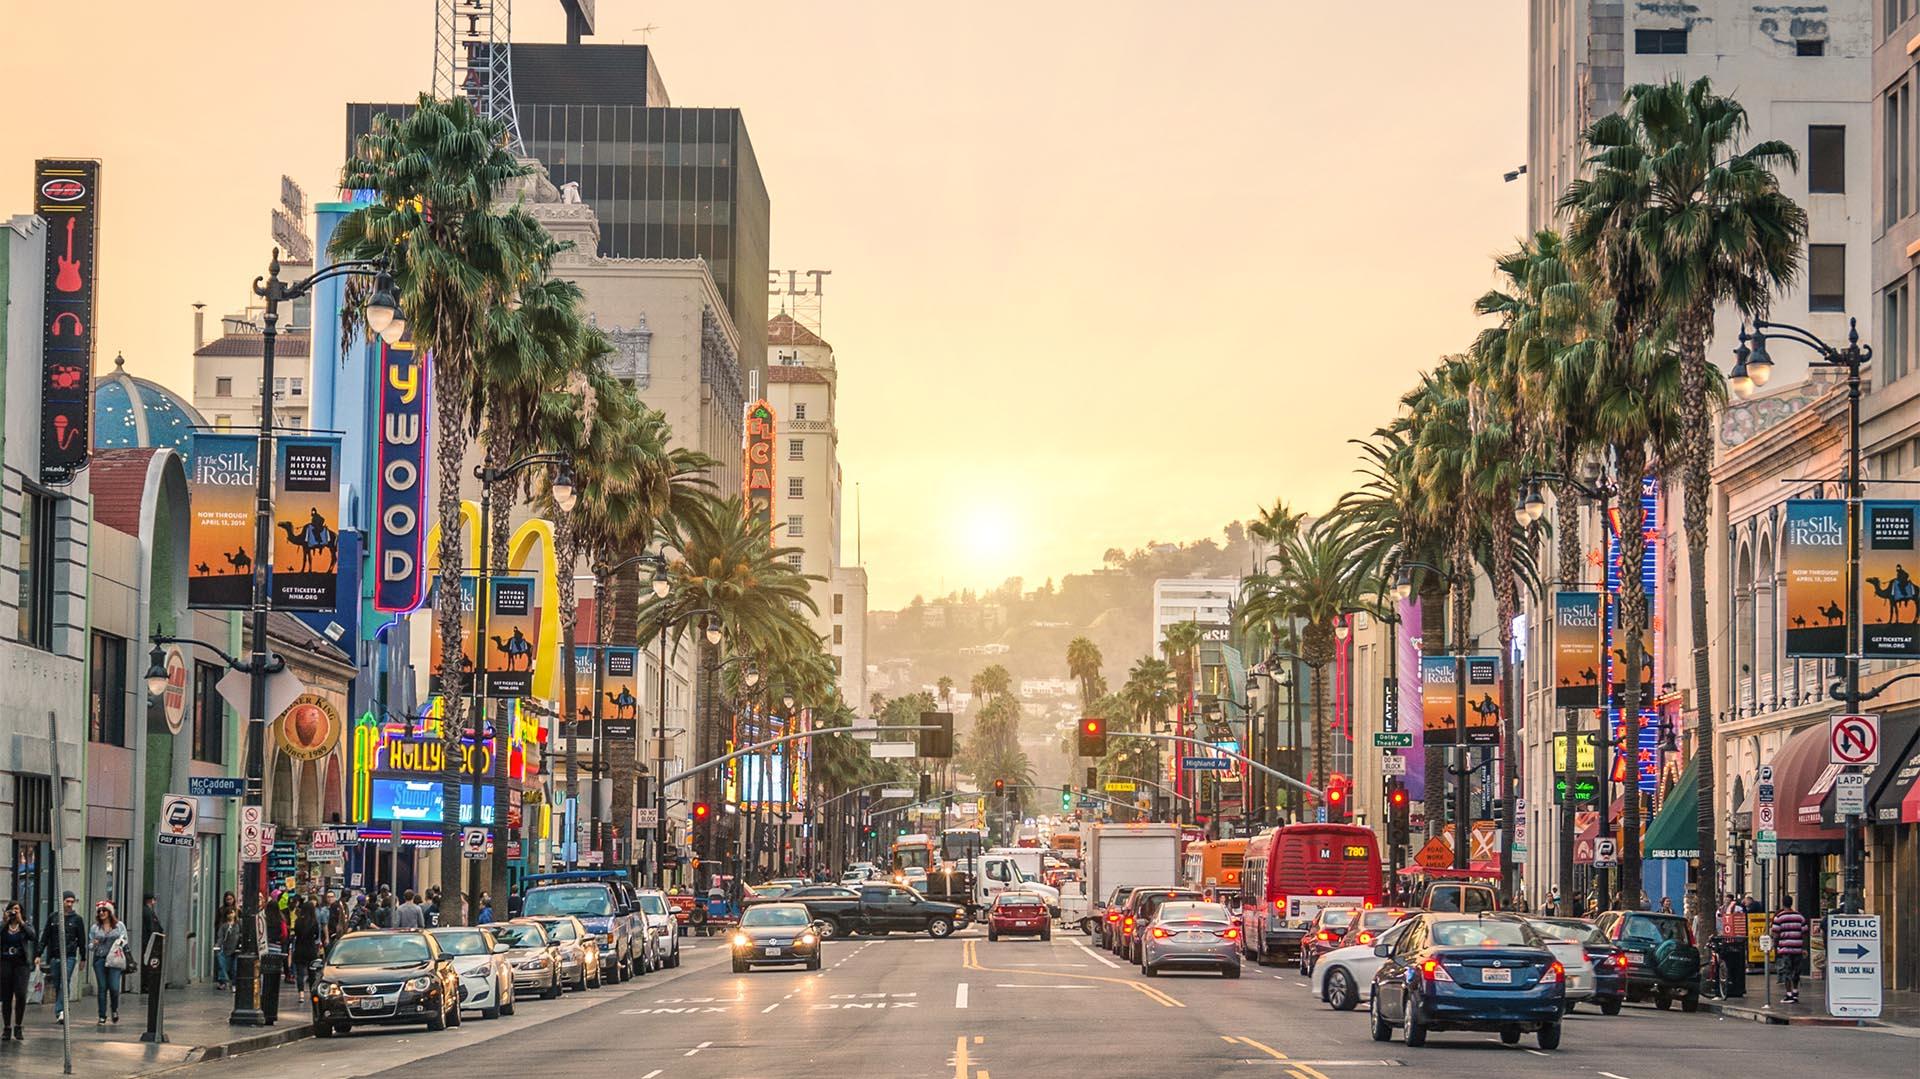 Con un poco de preparación y conciencia, es fácil mantenerse a salvo y disfrutar de todo lo que Los Ángeles tiene para ofrecer. Sin embargo, aunque la ciudad es segura en general, posee barrios extremadamente peligrosos